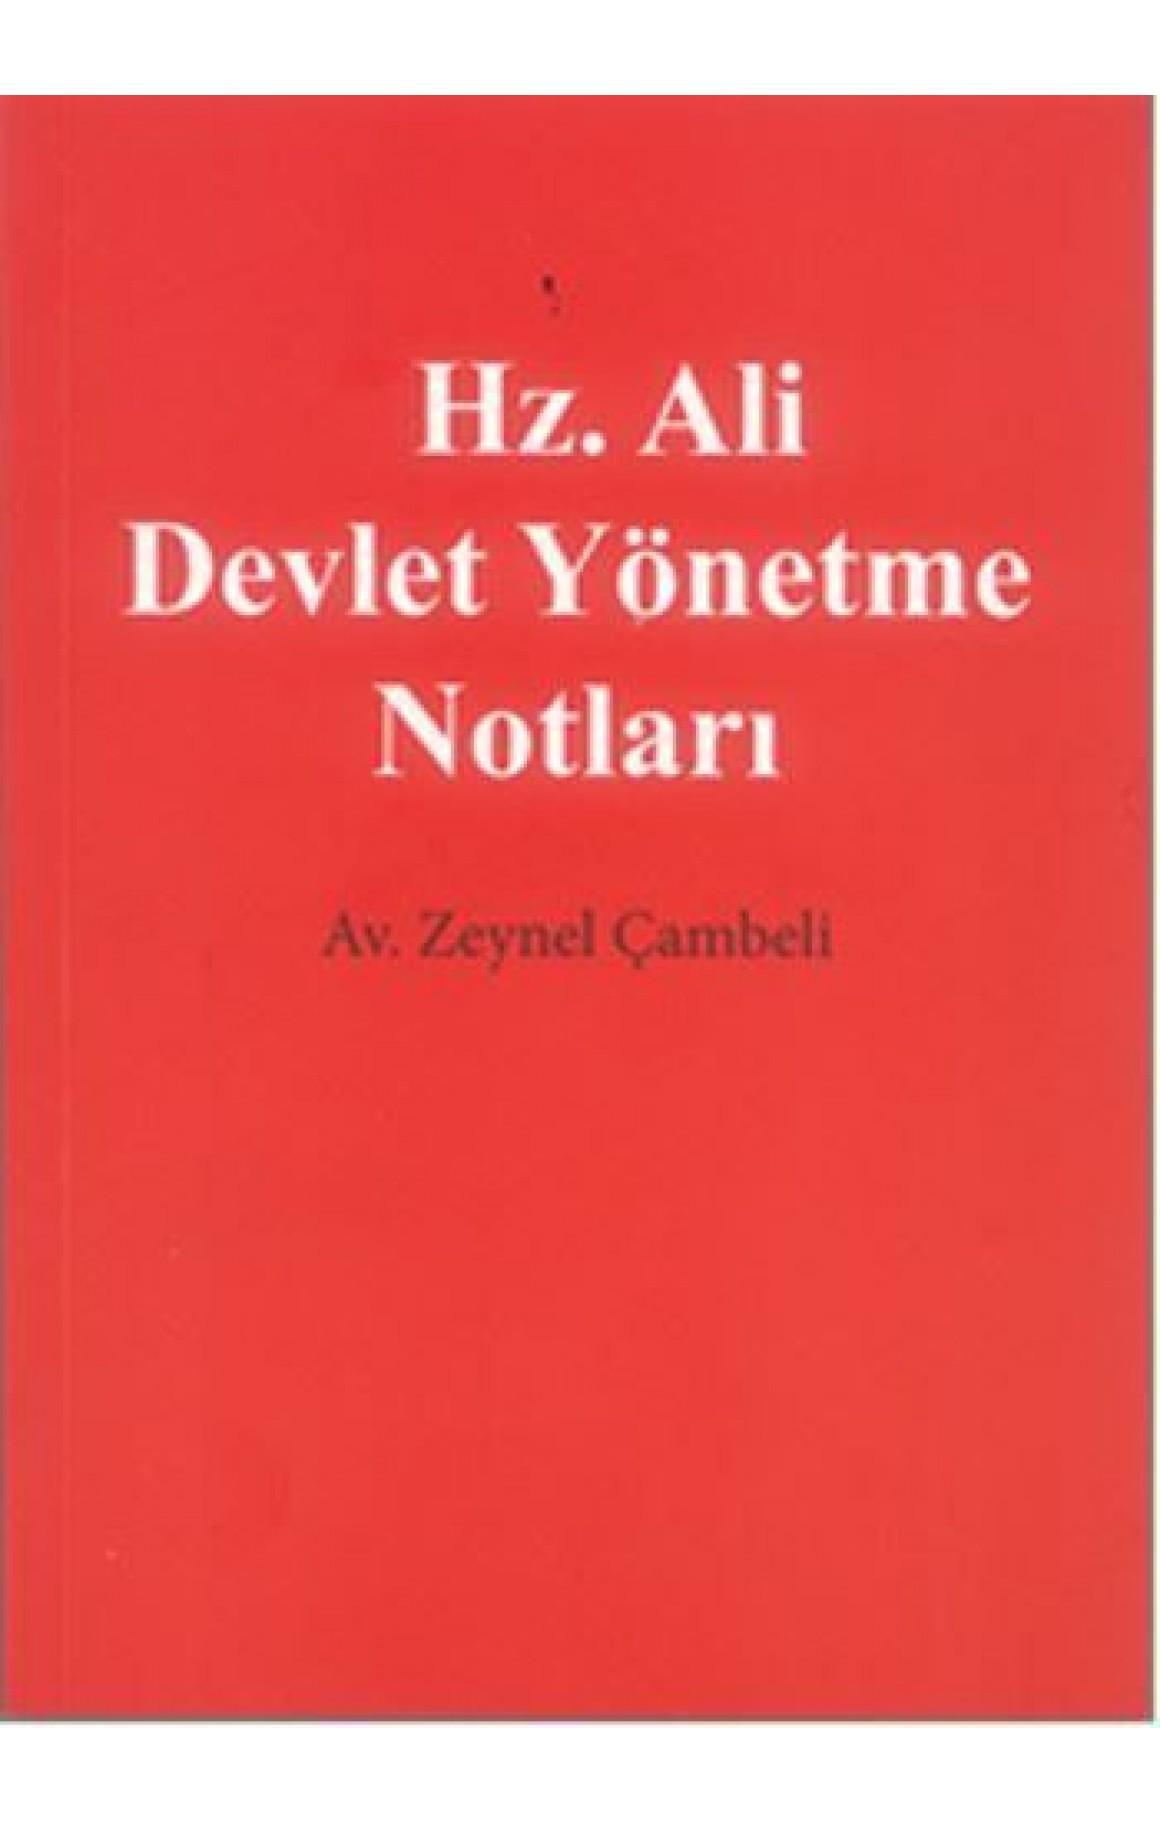 Hz. Ali Devlet Yönetme Notları